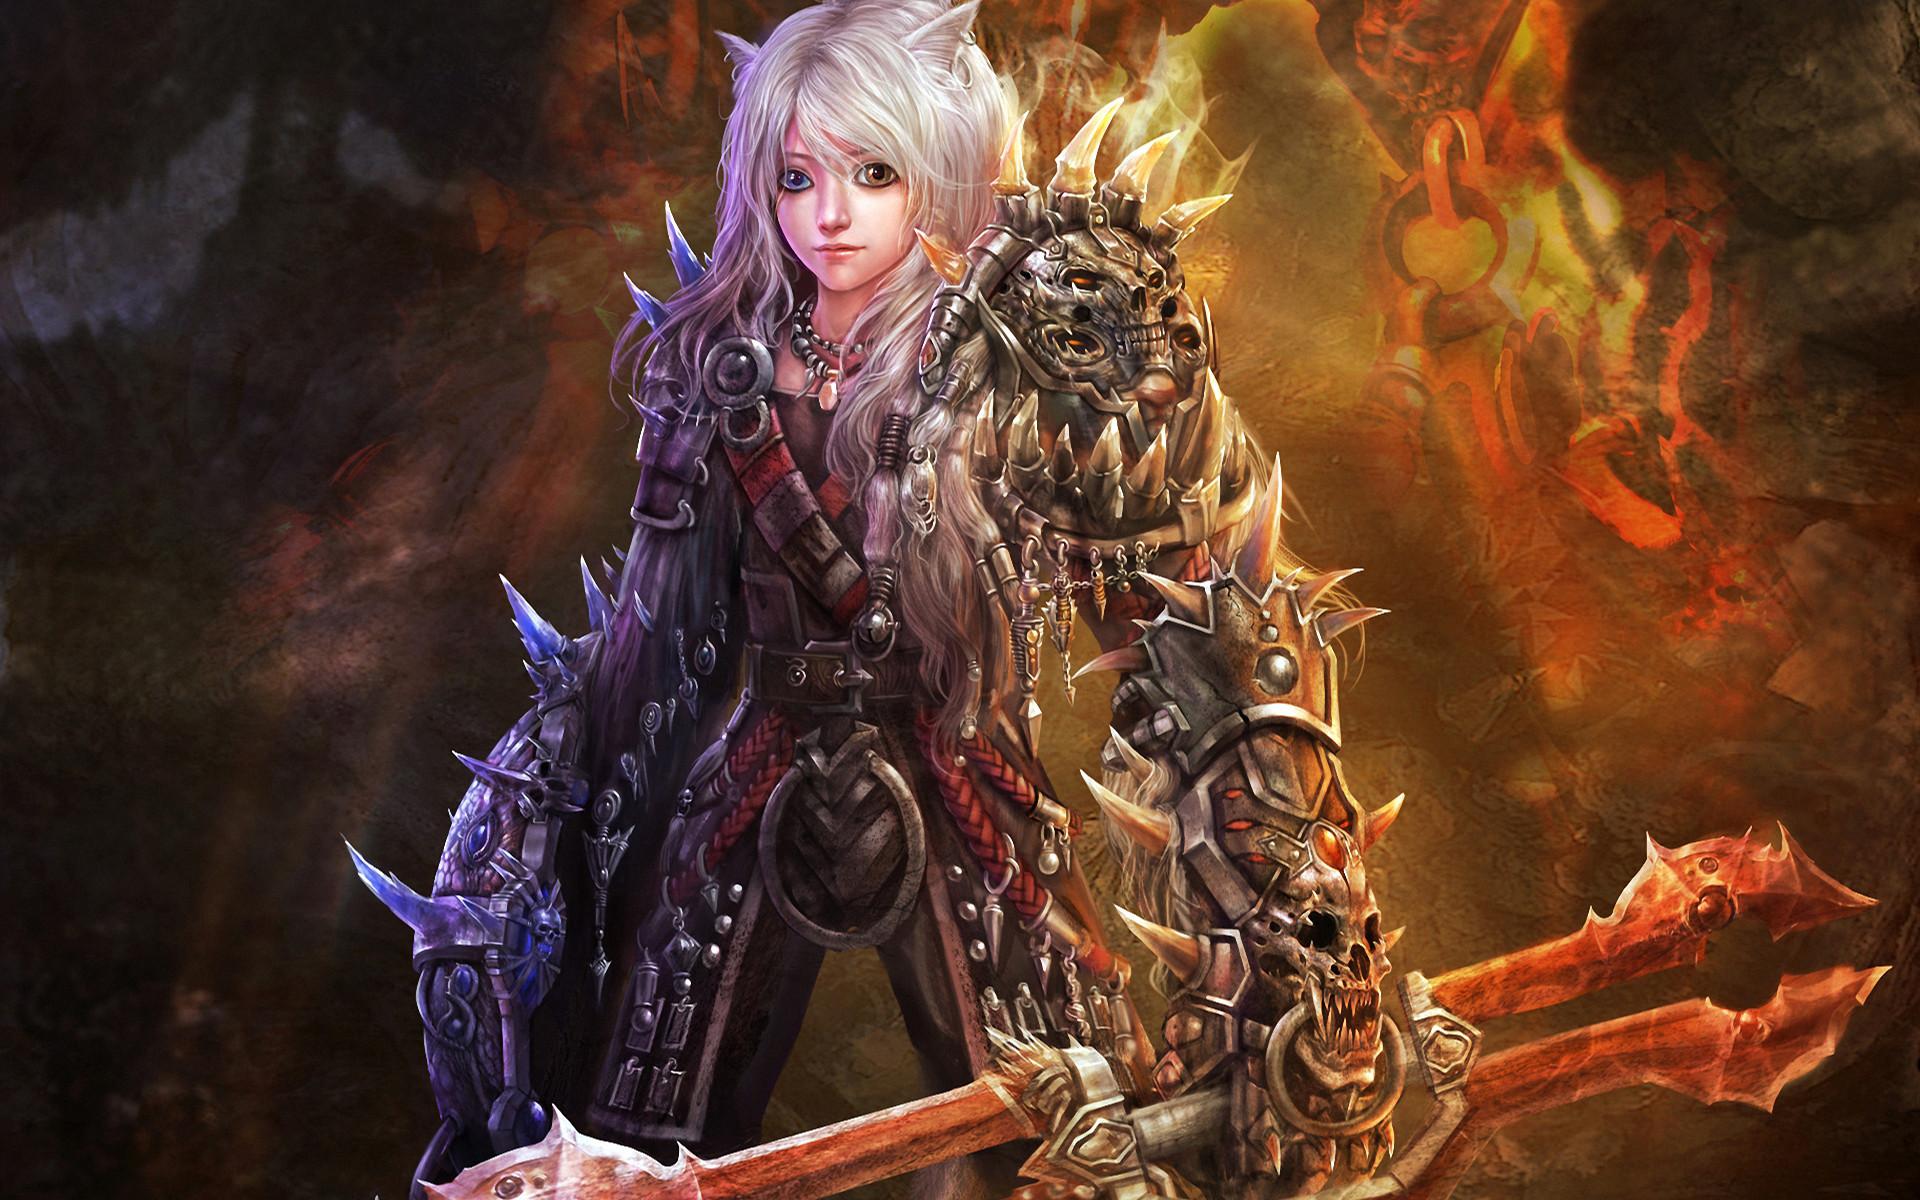 Warriors armor elf girl boy fire flames wallpaper     37908    WallpaperUP